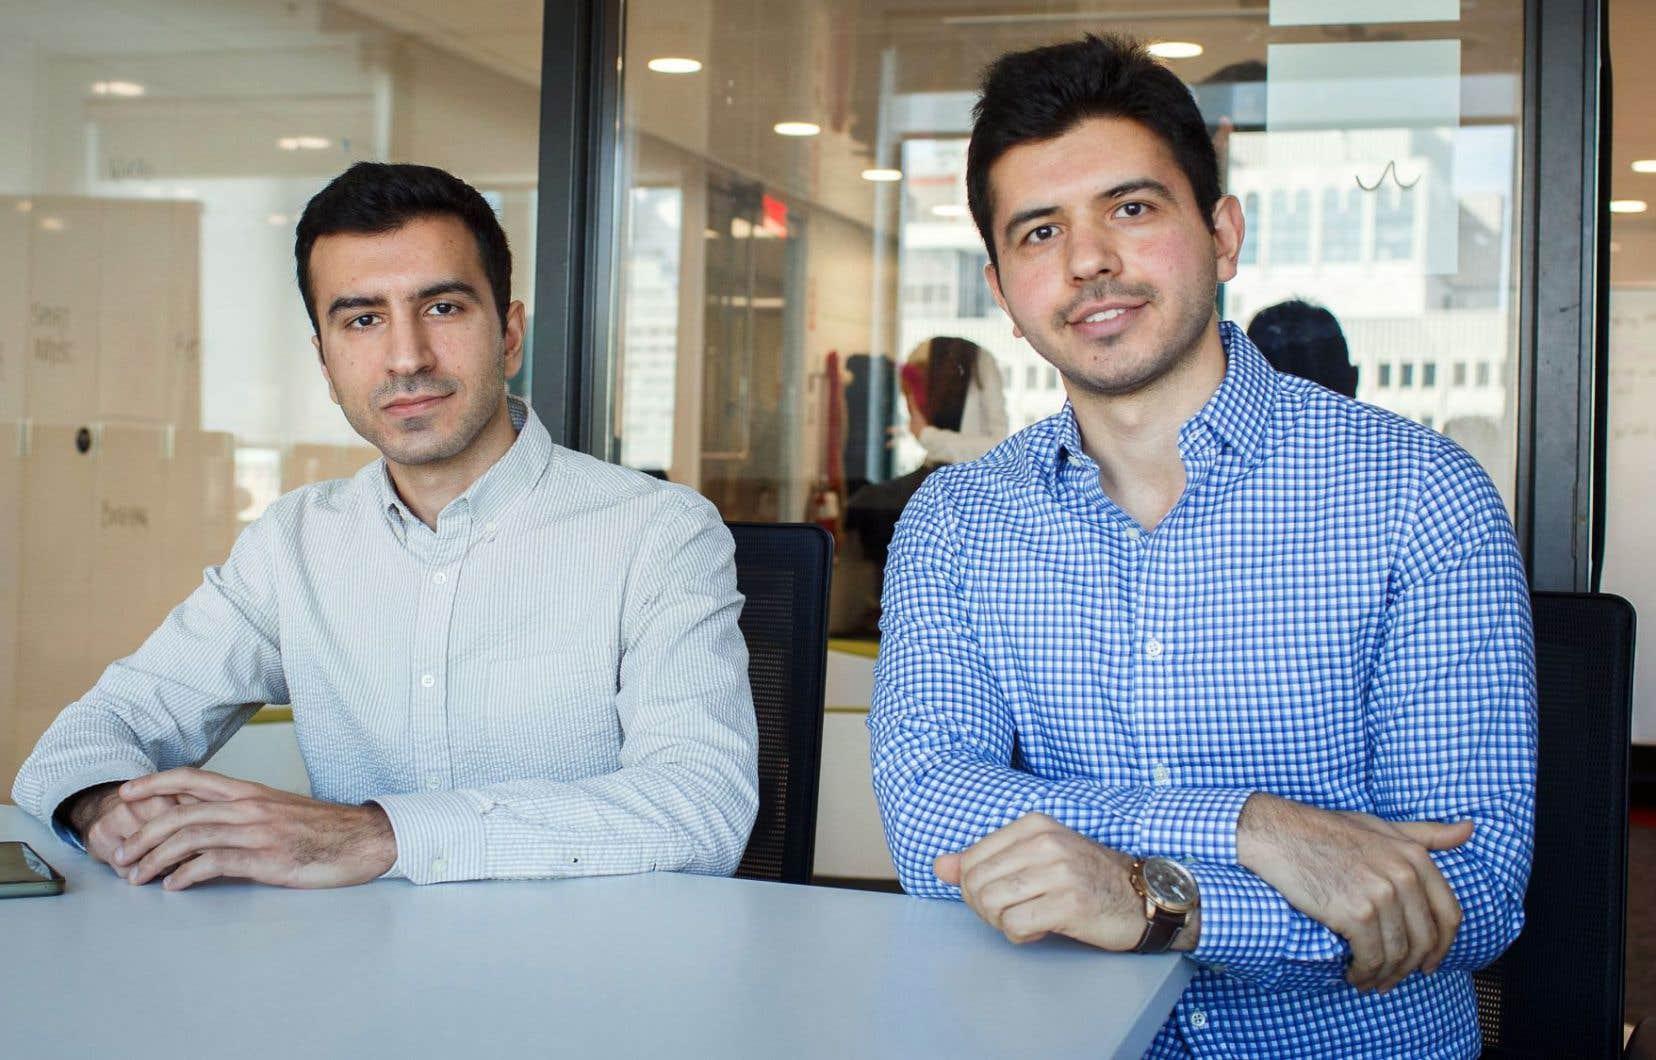 Les frères Mehrdad et Farshad Mirshafiei ont créé l'entreprise Sensequake, spécialisée dans la détection des ondes sismiques depuis 2015.